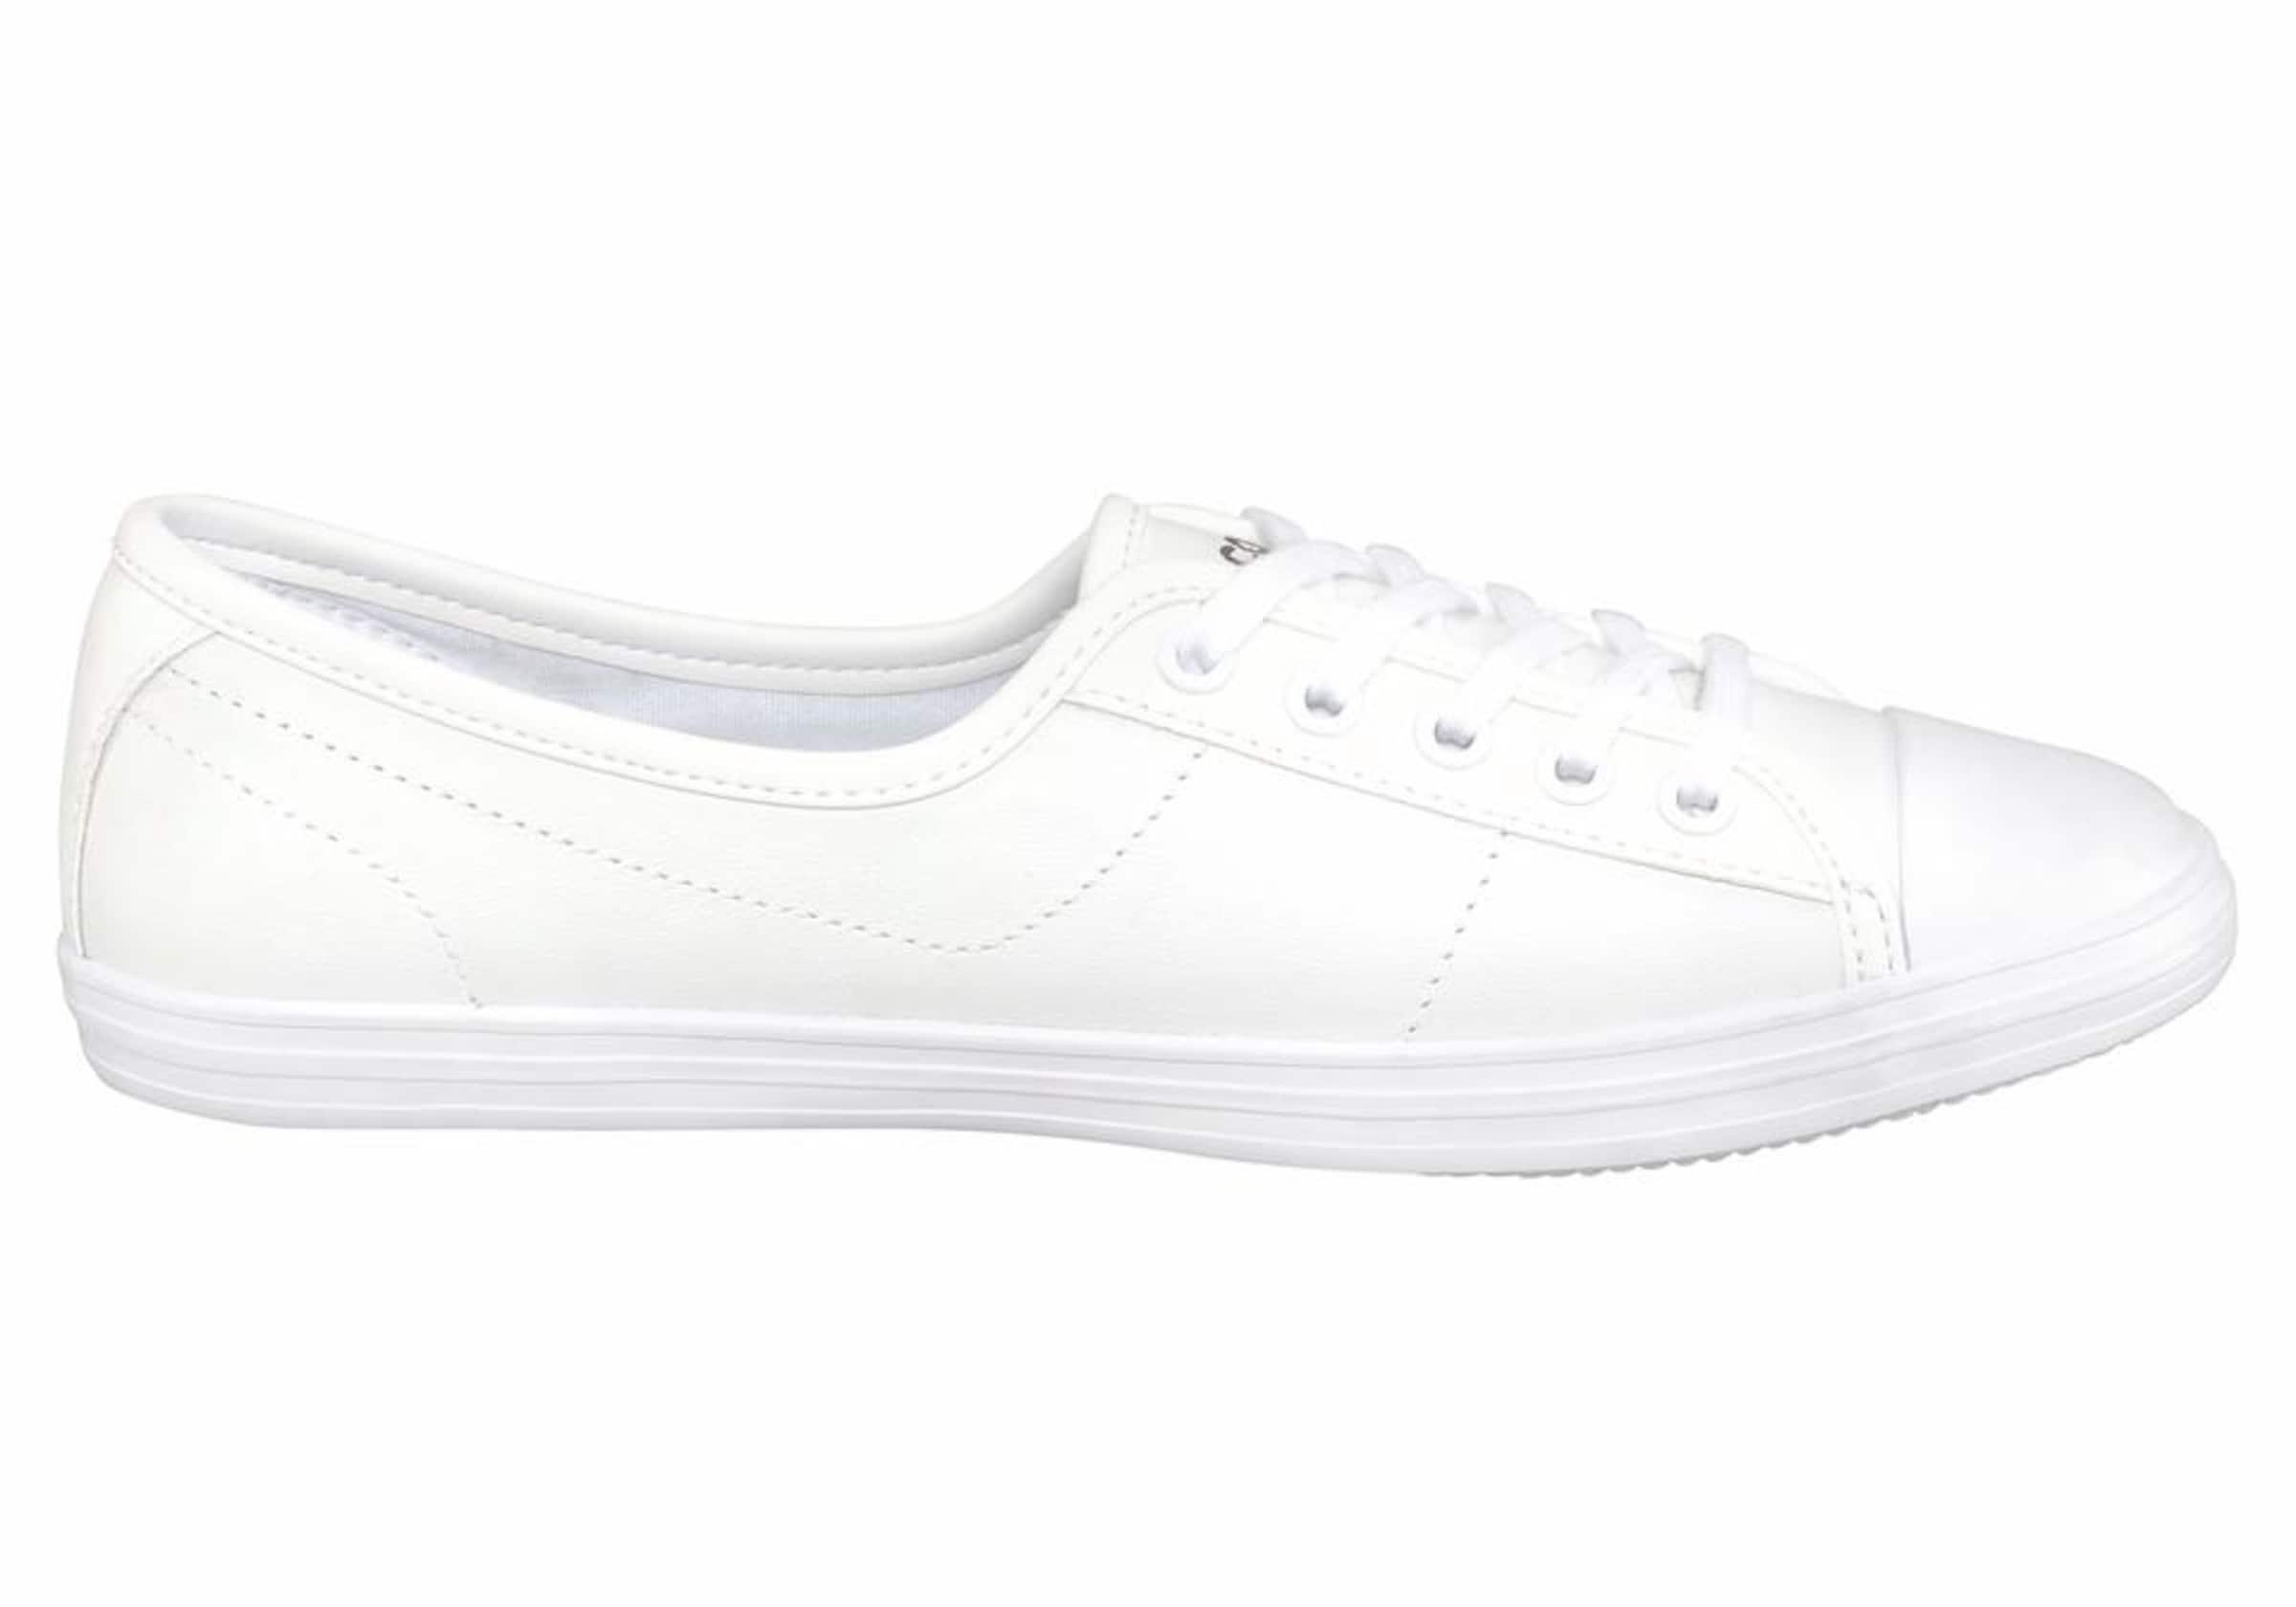 'ziane 1 Sneaker Bl In Spw' Weiß Lacoste iwkPuXZTOl